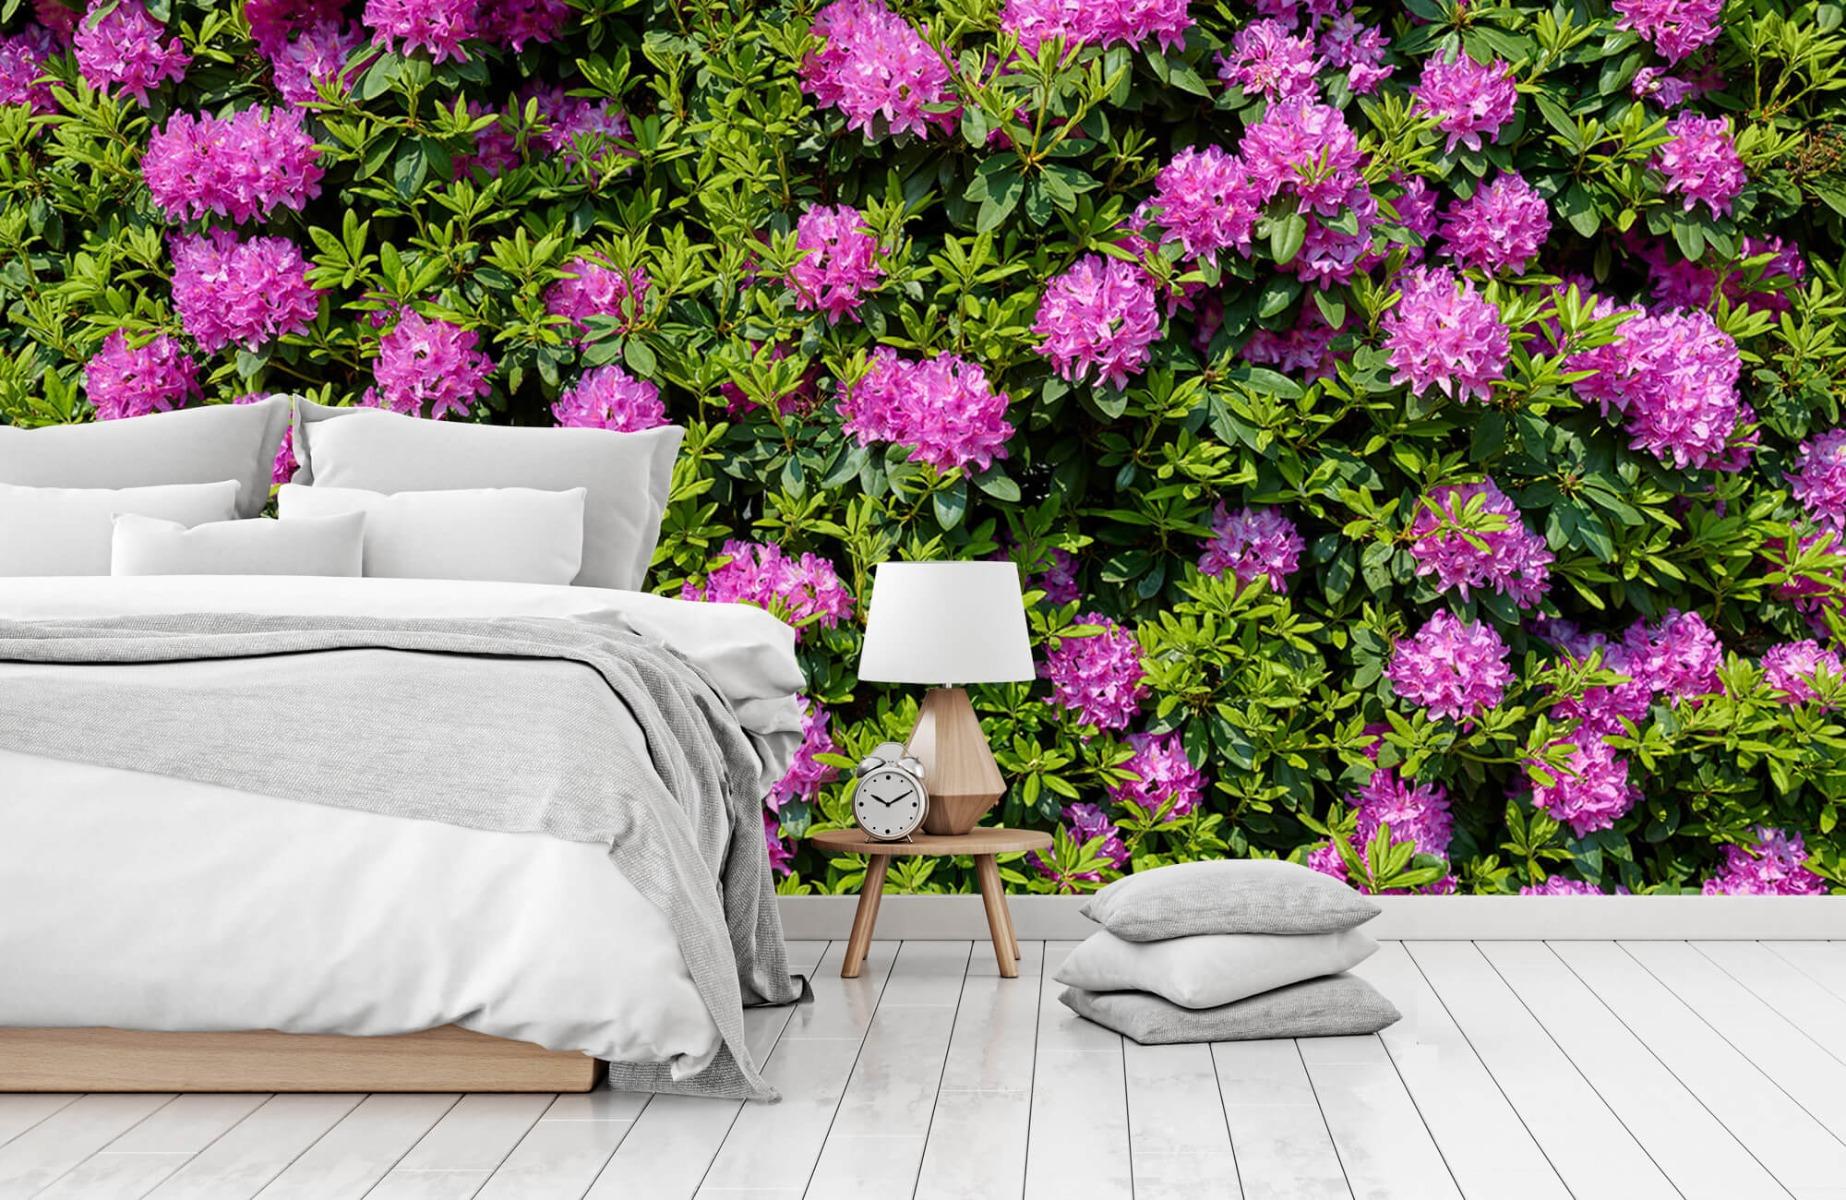 Bloemenvelden - Grote muur van rododendrons - Wallexclusive - Woonkamer 15